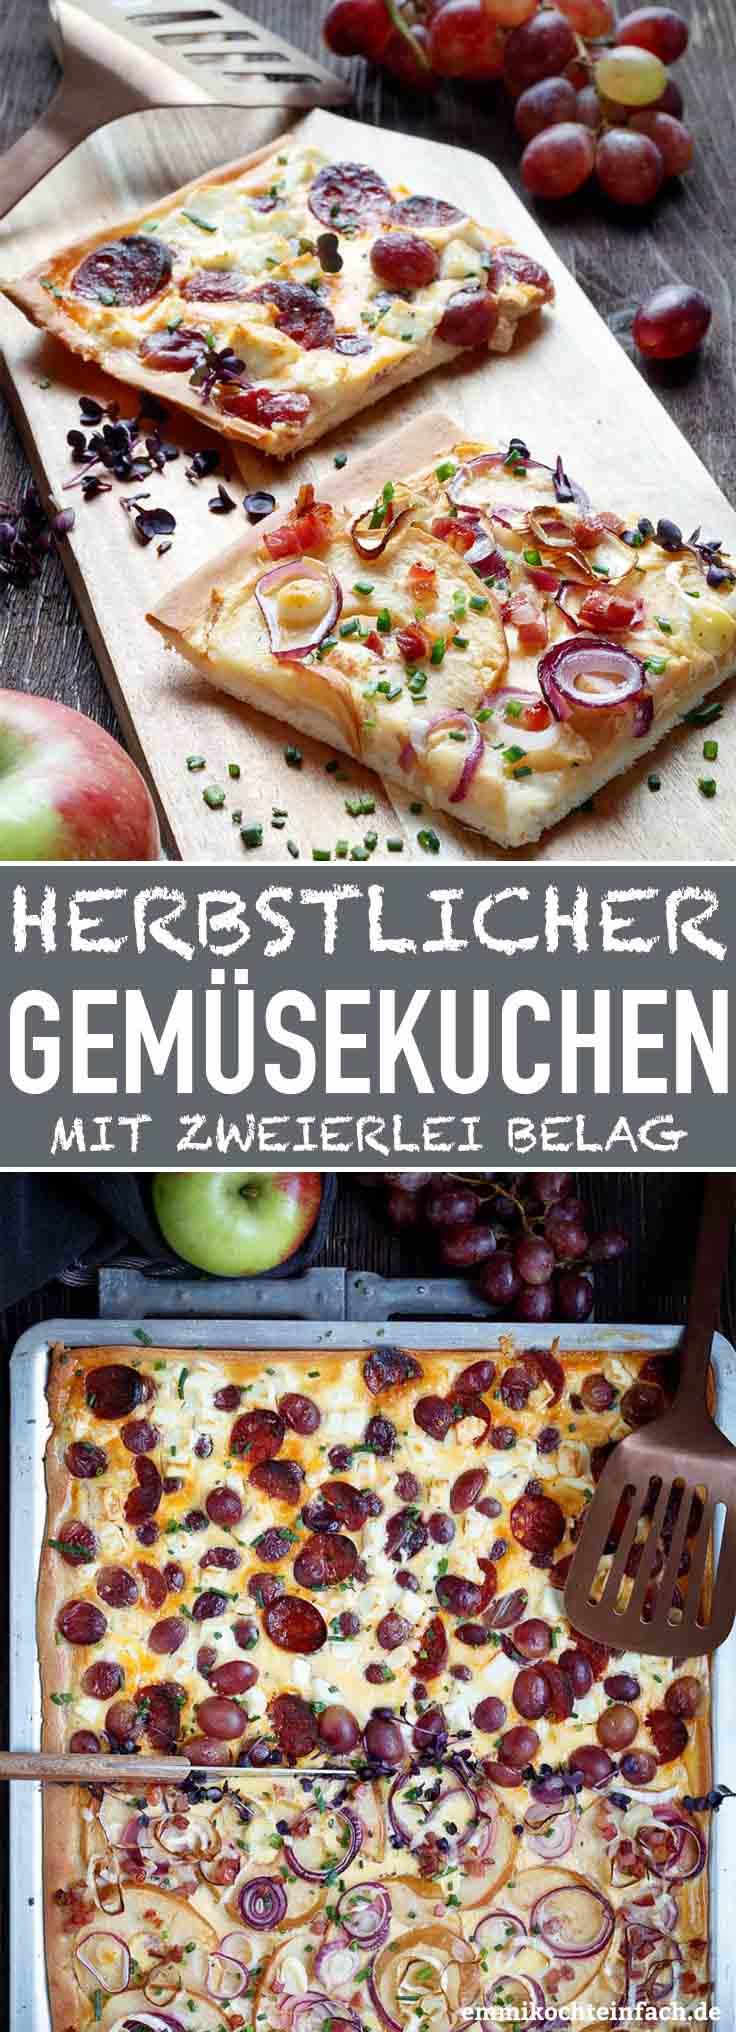 Herbstlicher Gemüsekuchen mit zweierlei Belag - www.emmikochteinfach.de